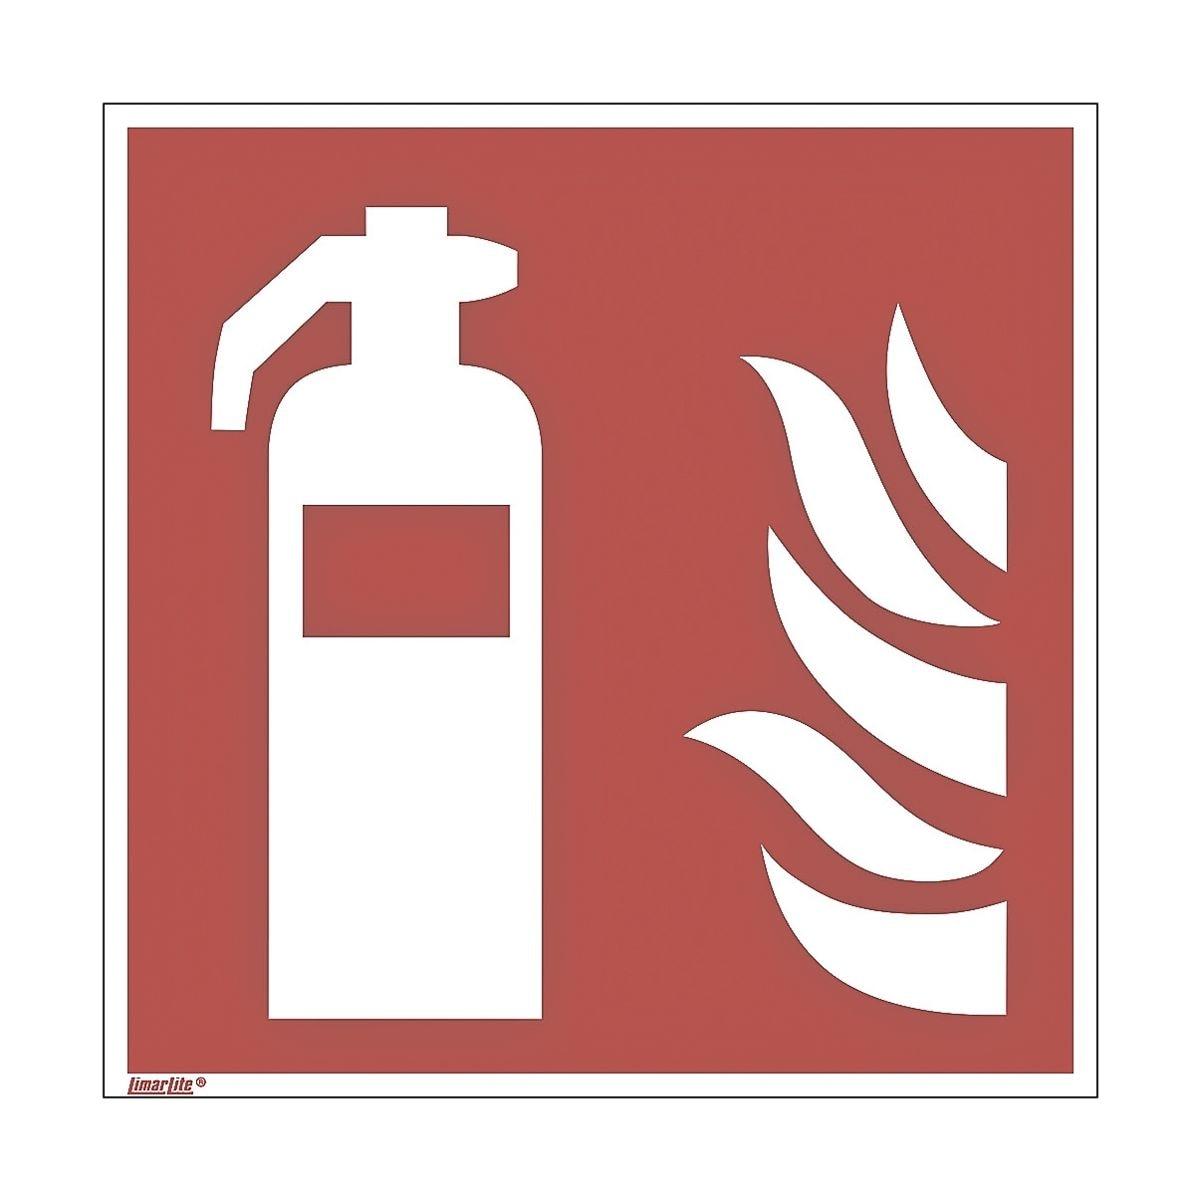 Sicherheitskennzeichen »Feuerlöscher [F001]« nachleuchtend 15 x 0,01 x 15 cm